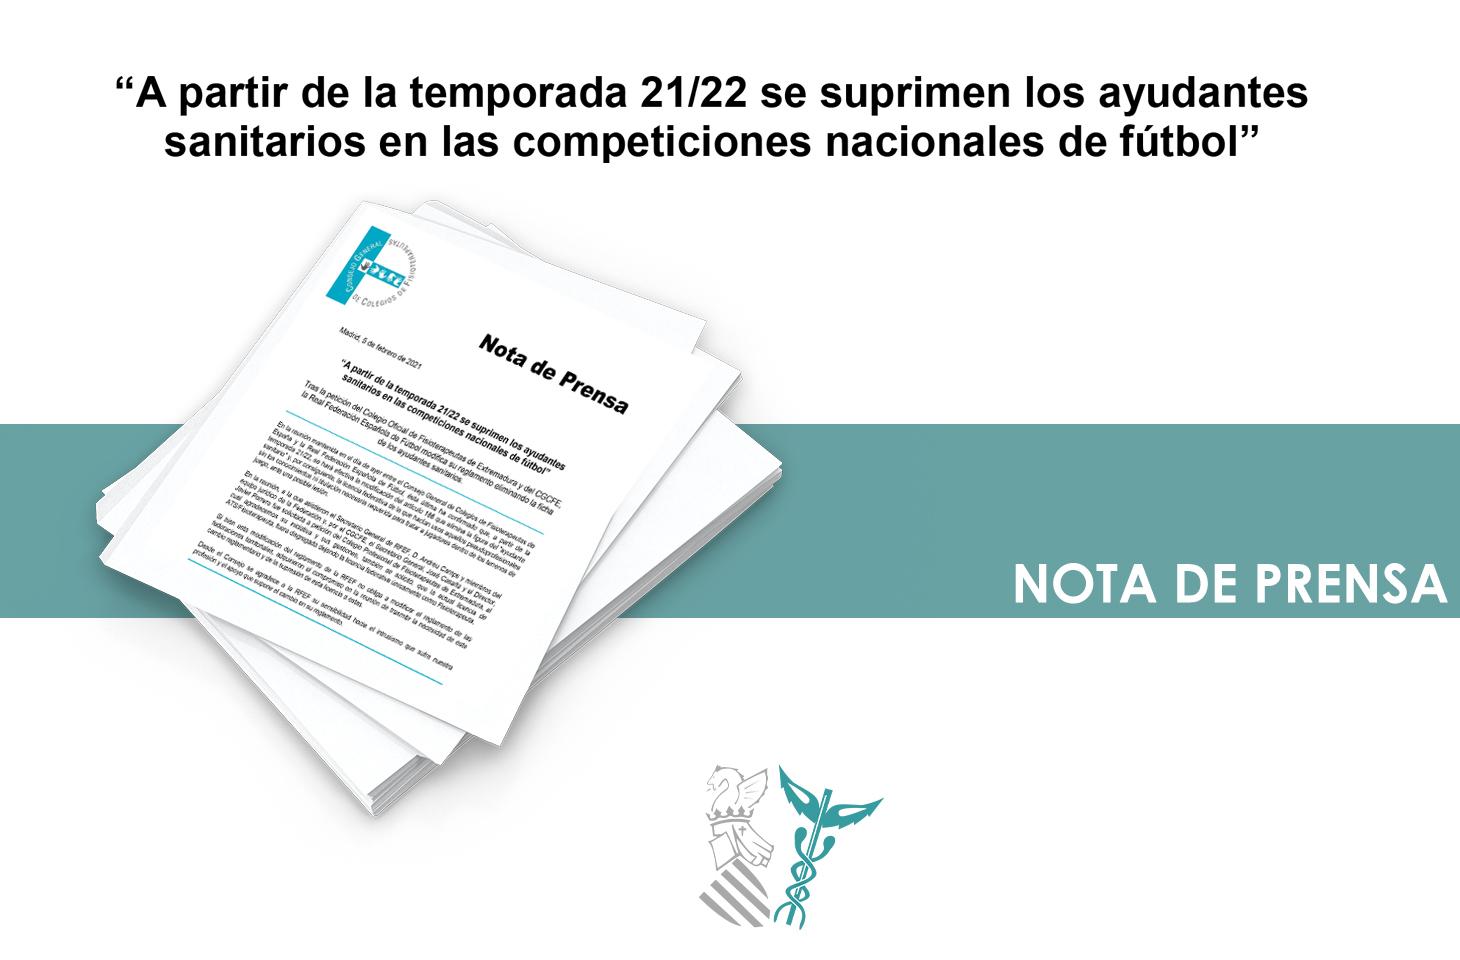 A partir de la temporada 21/22 se suprimen los ayudantes sanitarios en las competiciones nacionales de fútbol